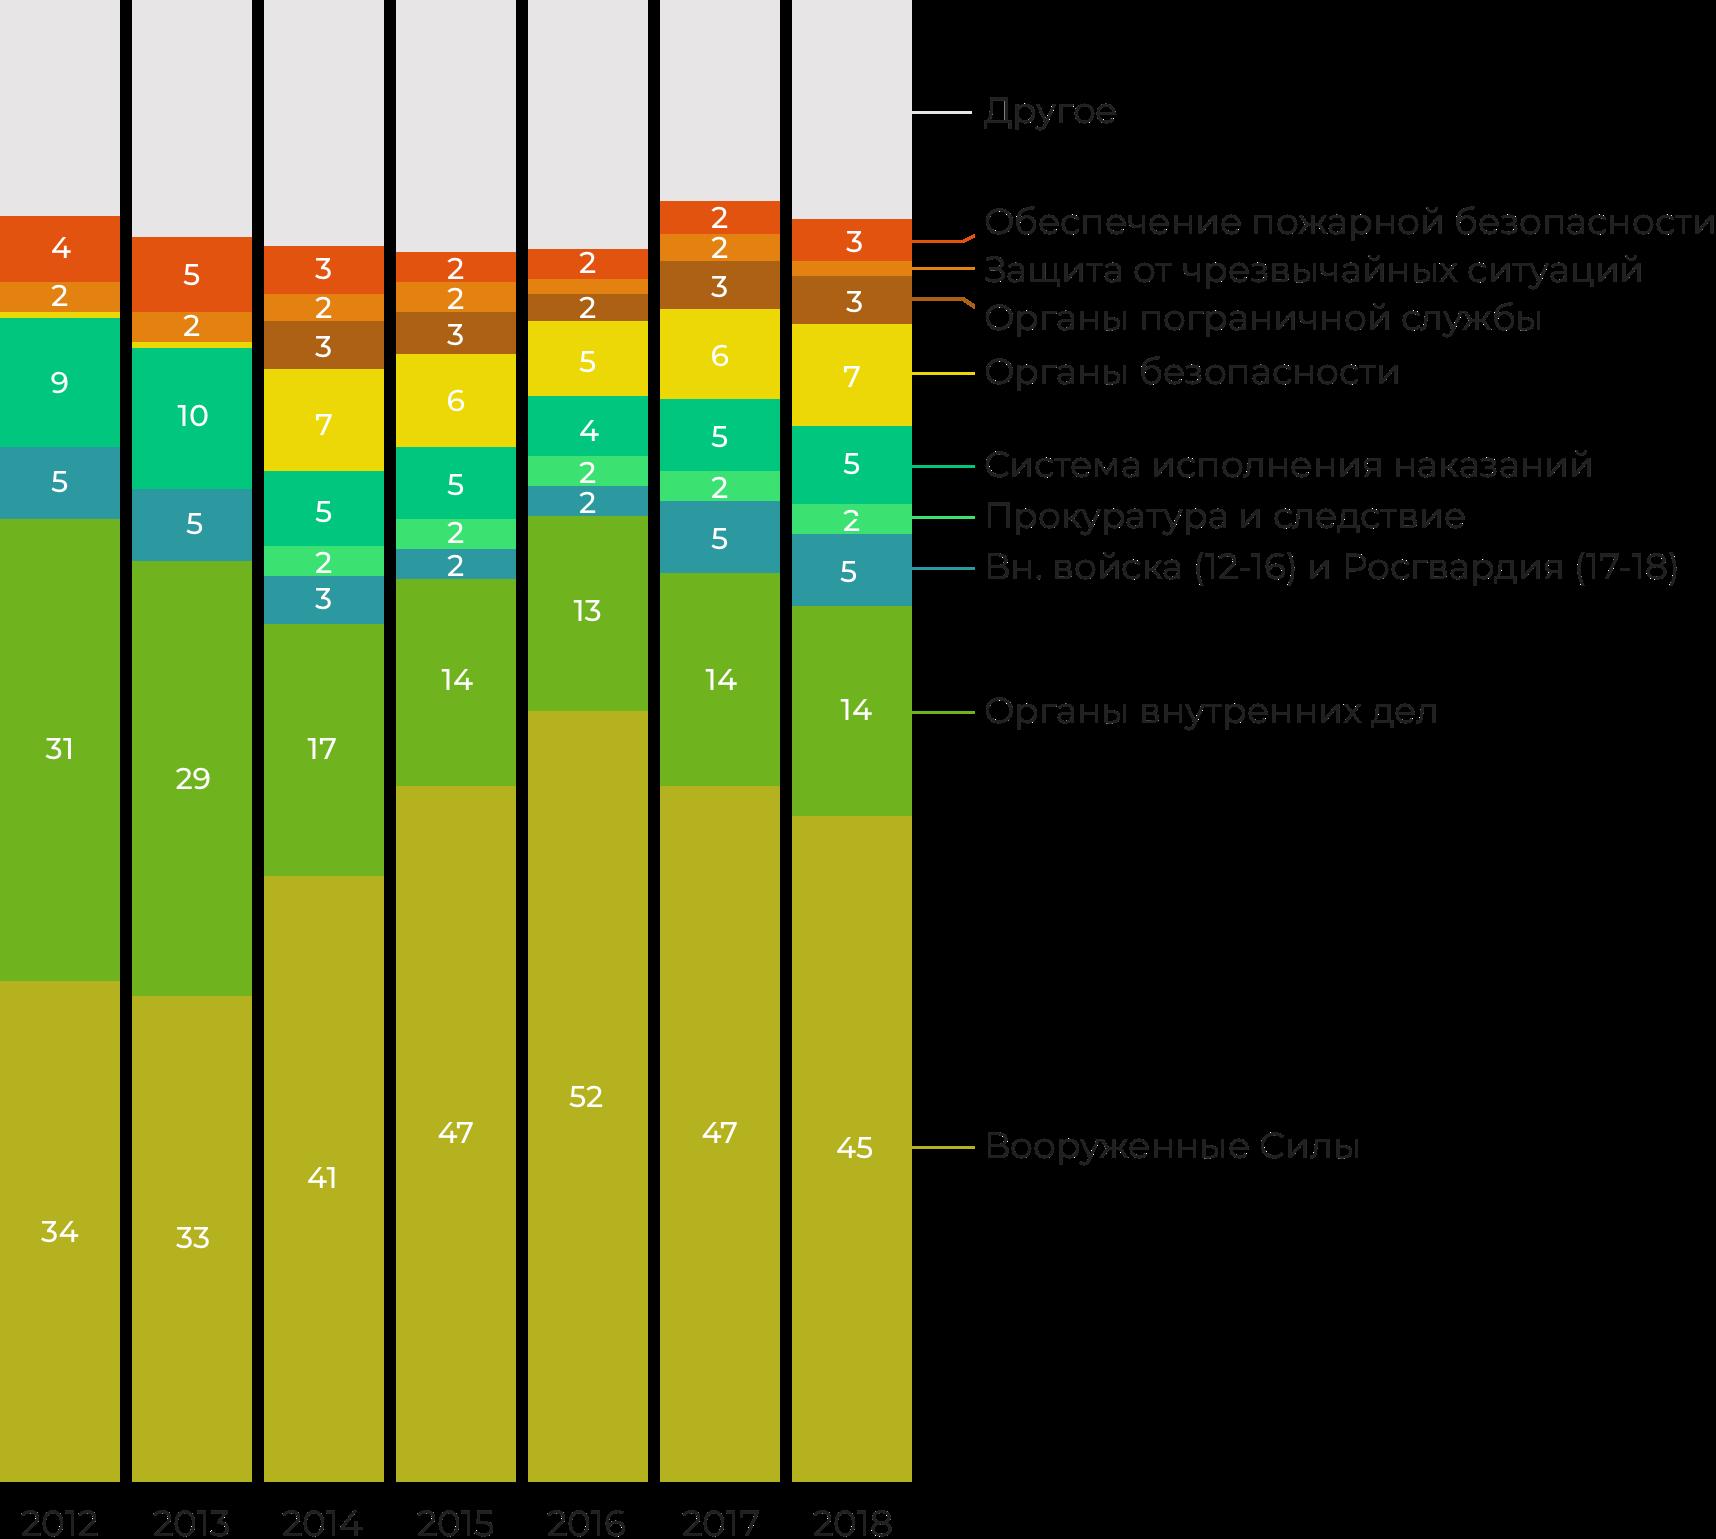 Инфографика: как делился бюджет между силовыми ведомствами с 2012 года (статьи Национальная оборона и Национальная безопасность и правоохранительная деятельность)